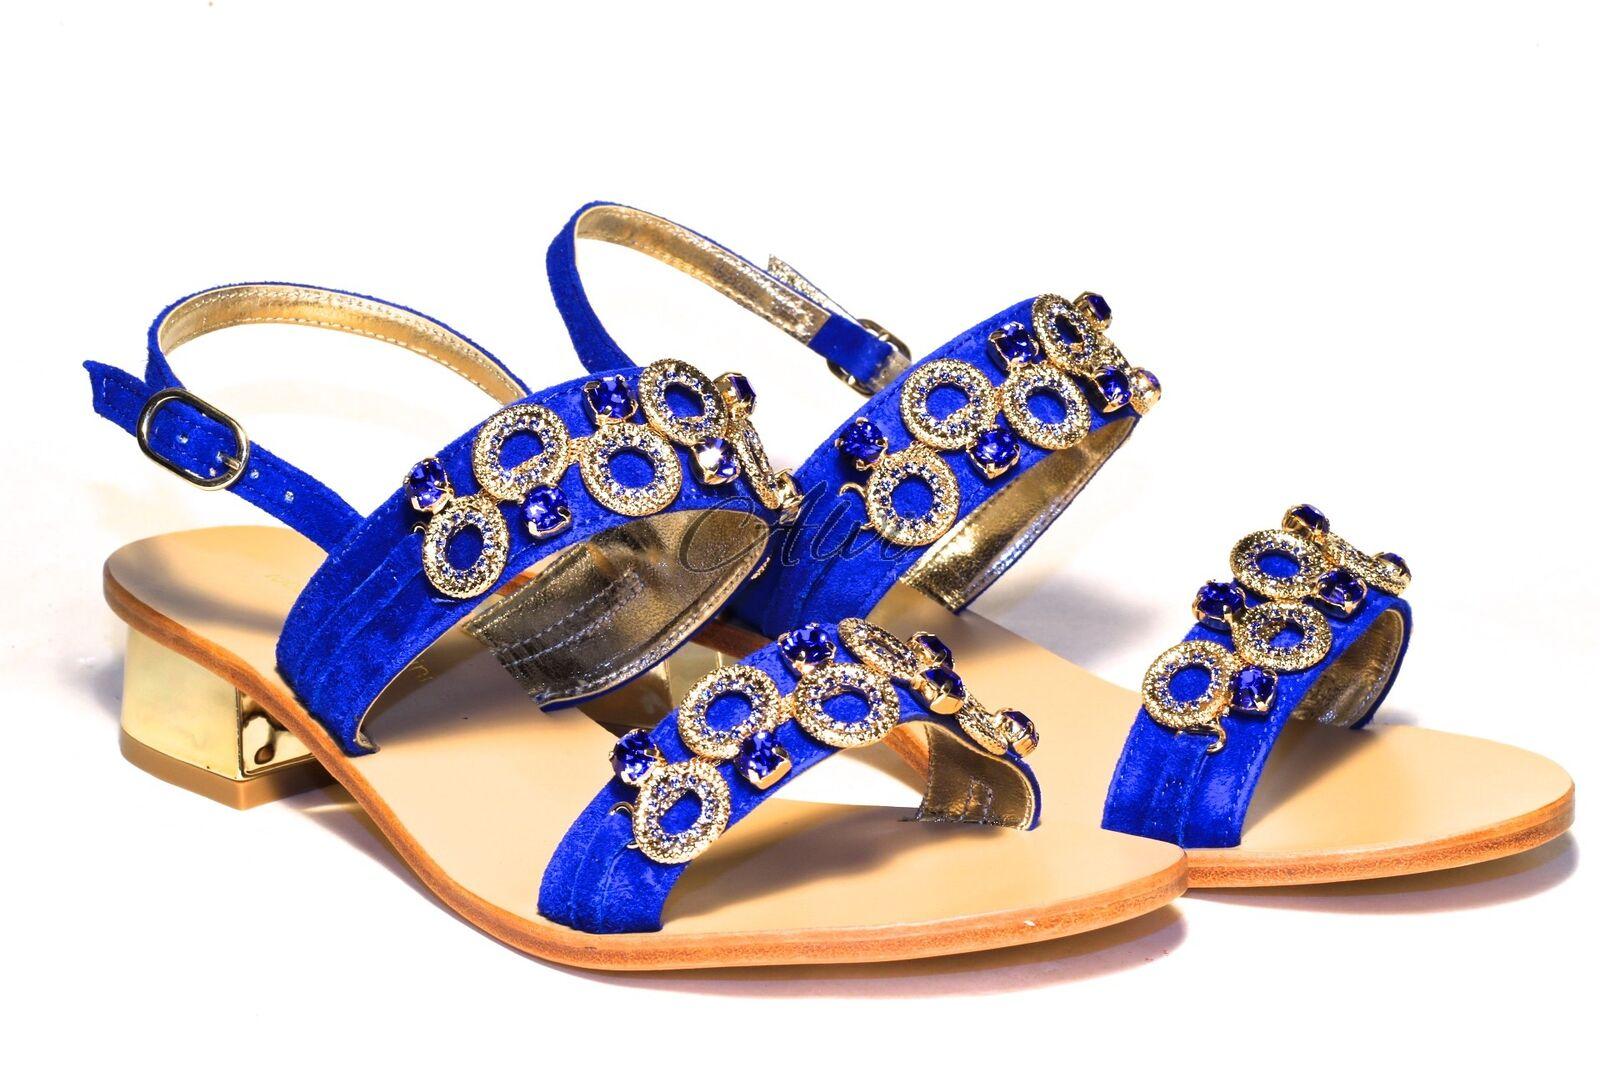 Gioiello Tacco Elettrico Medio Sandali Blu CxhtsQrd